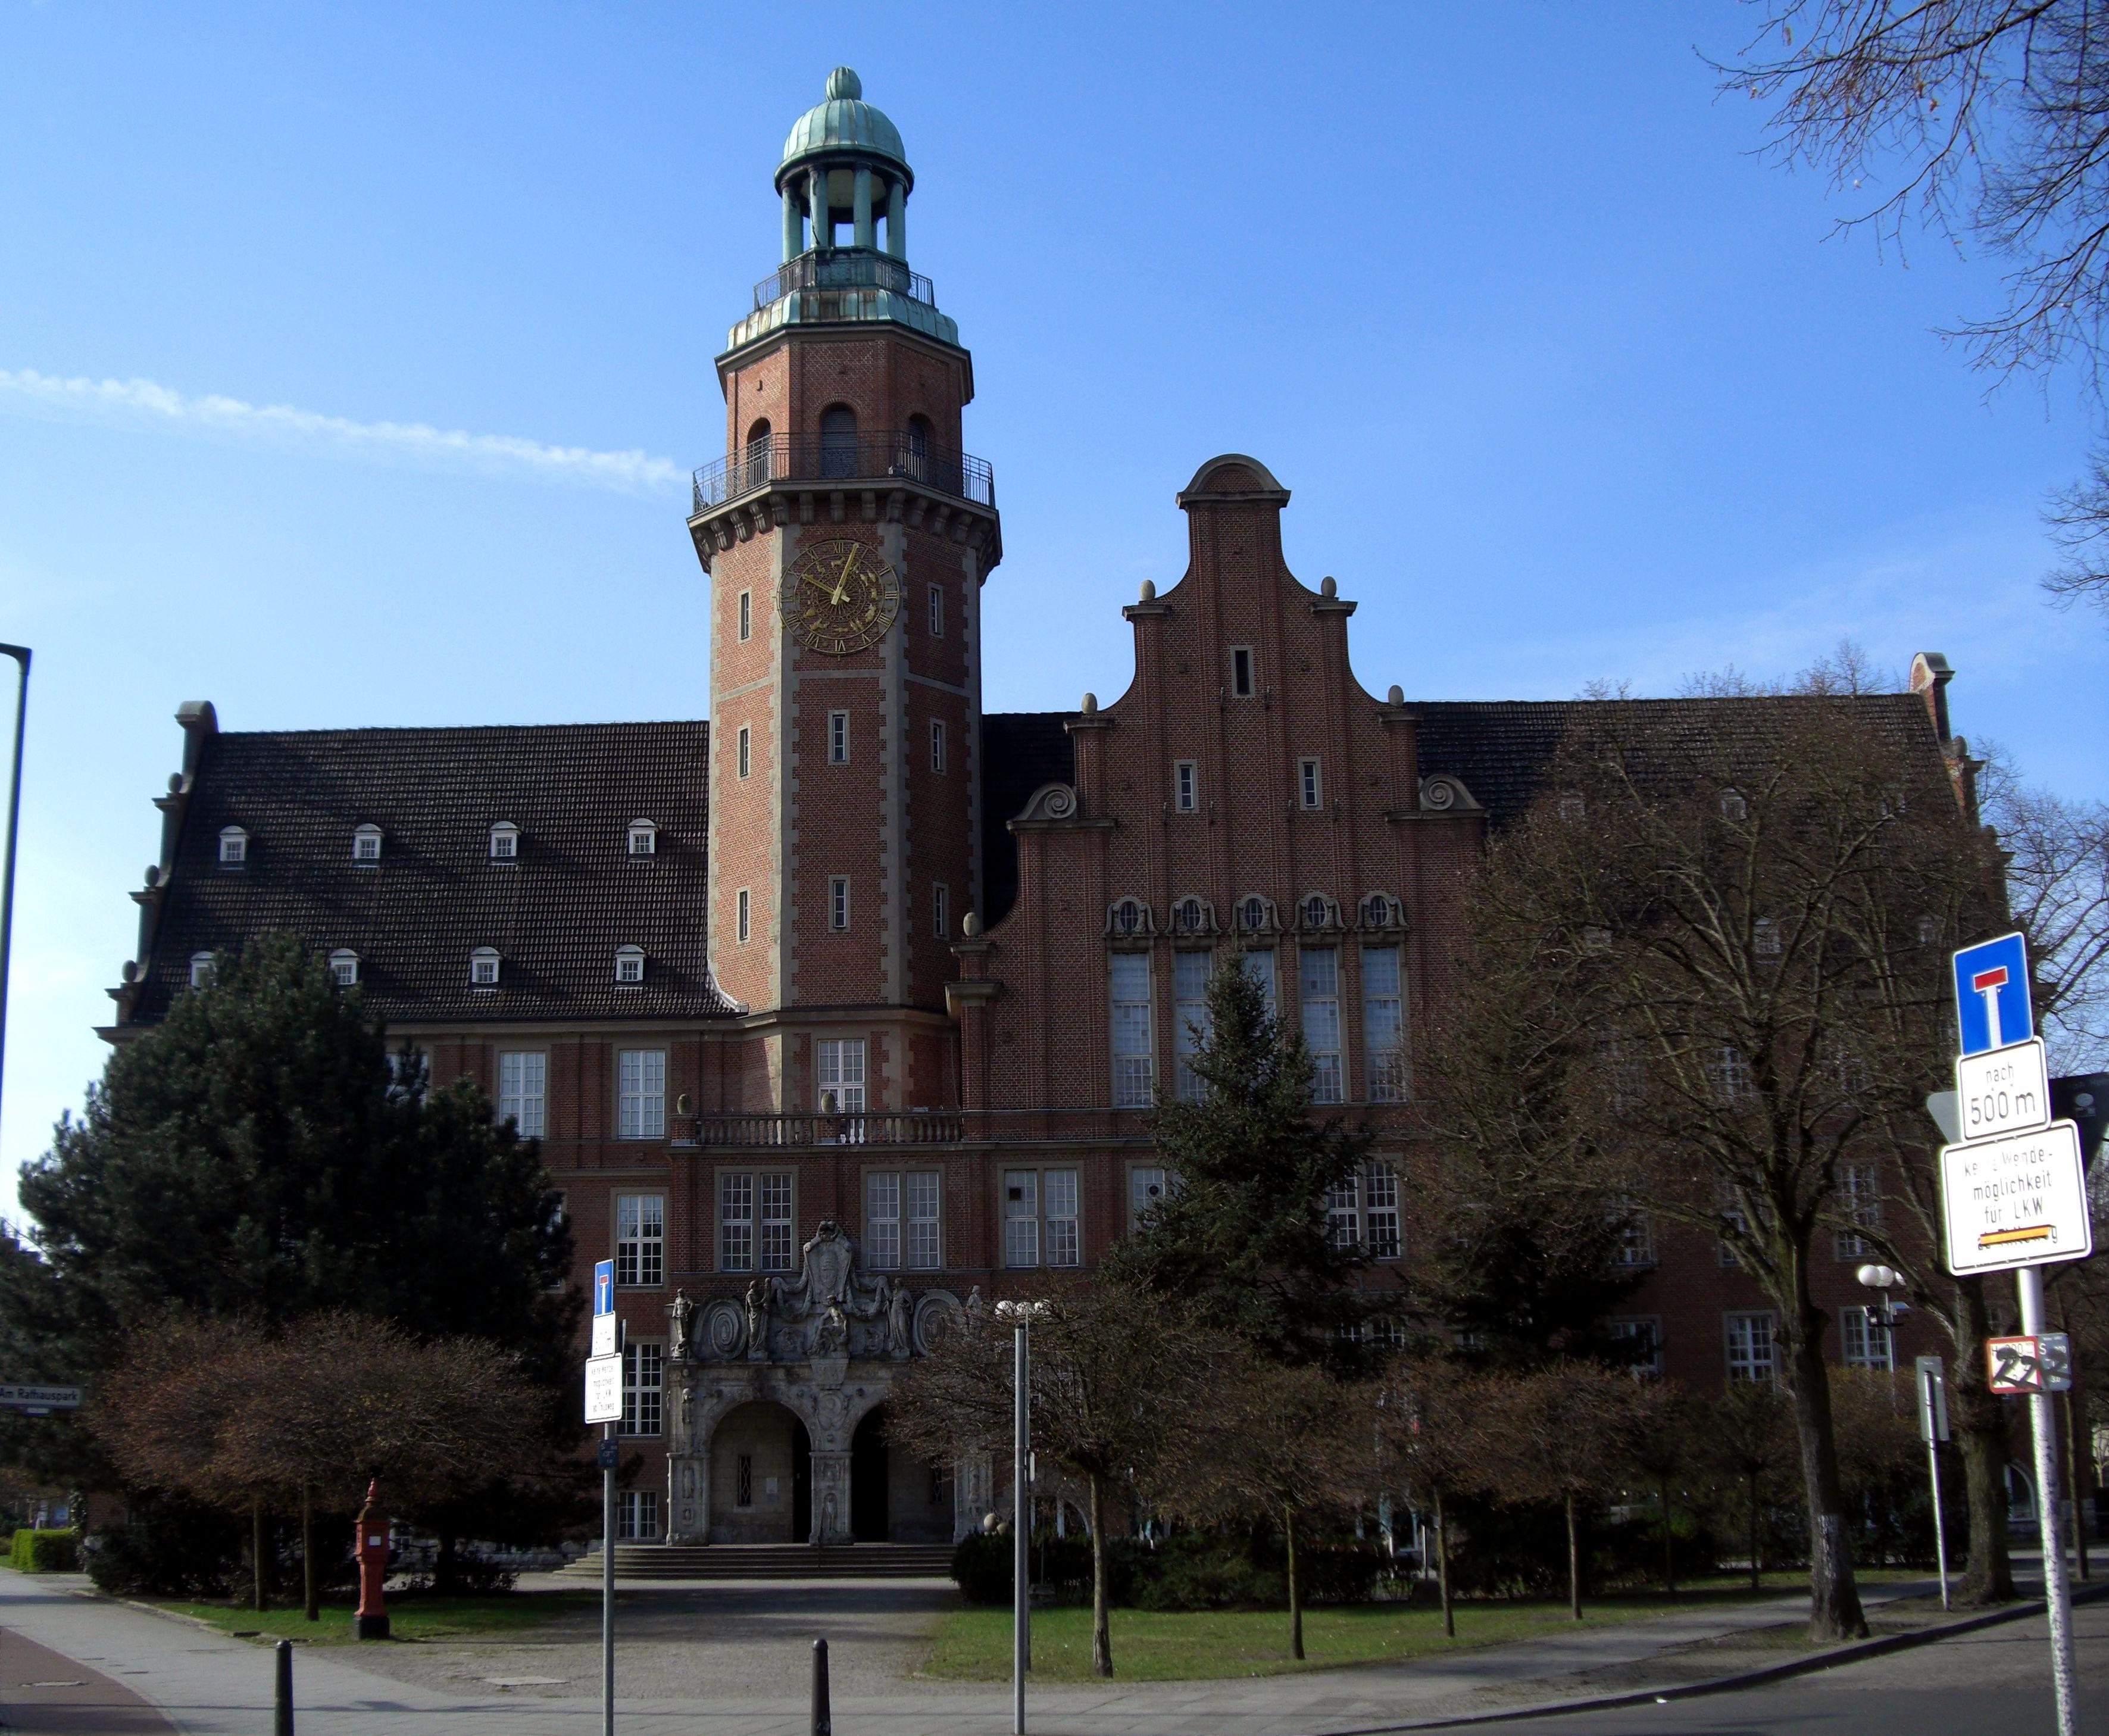 Rathaus reinickendorf.jpg